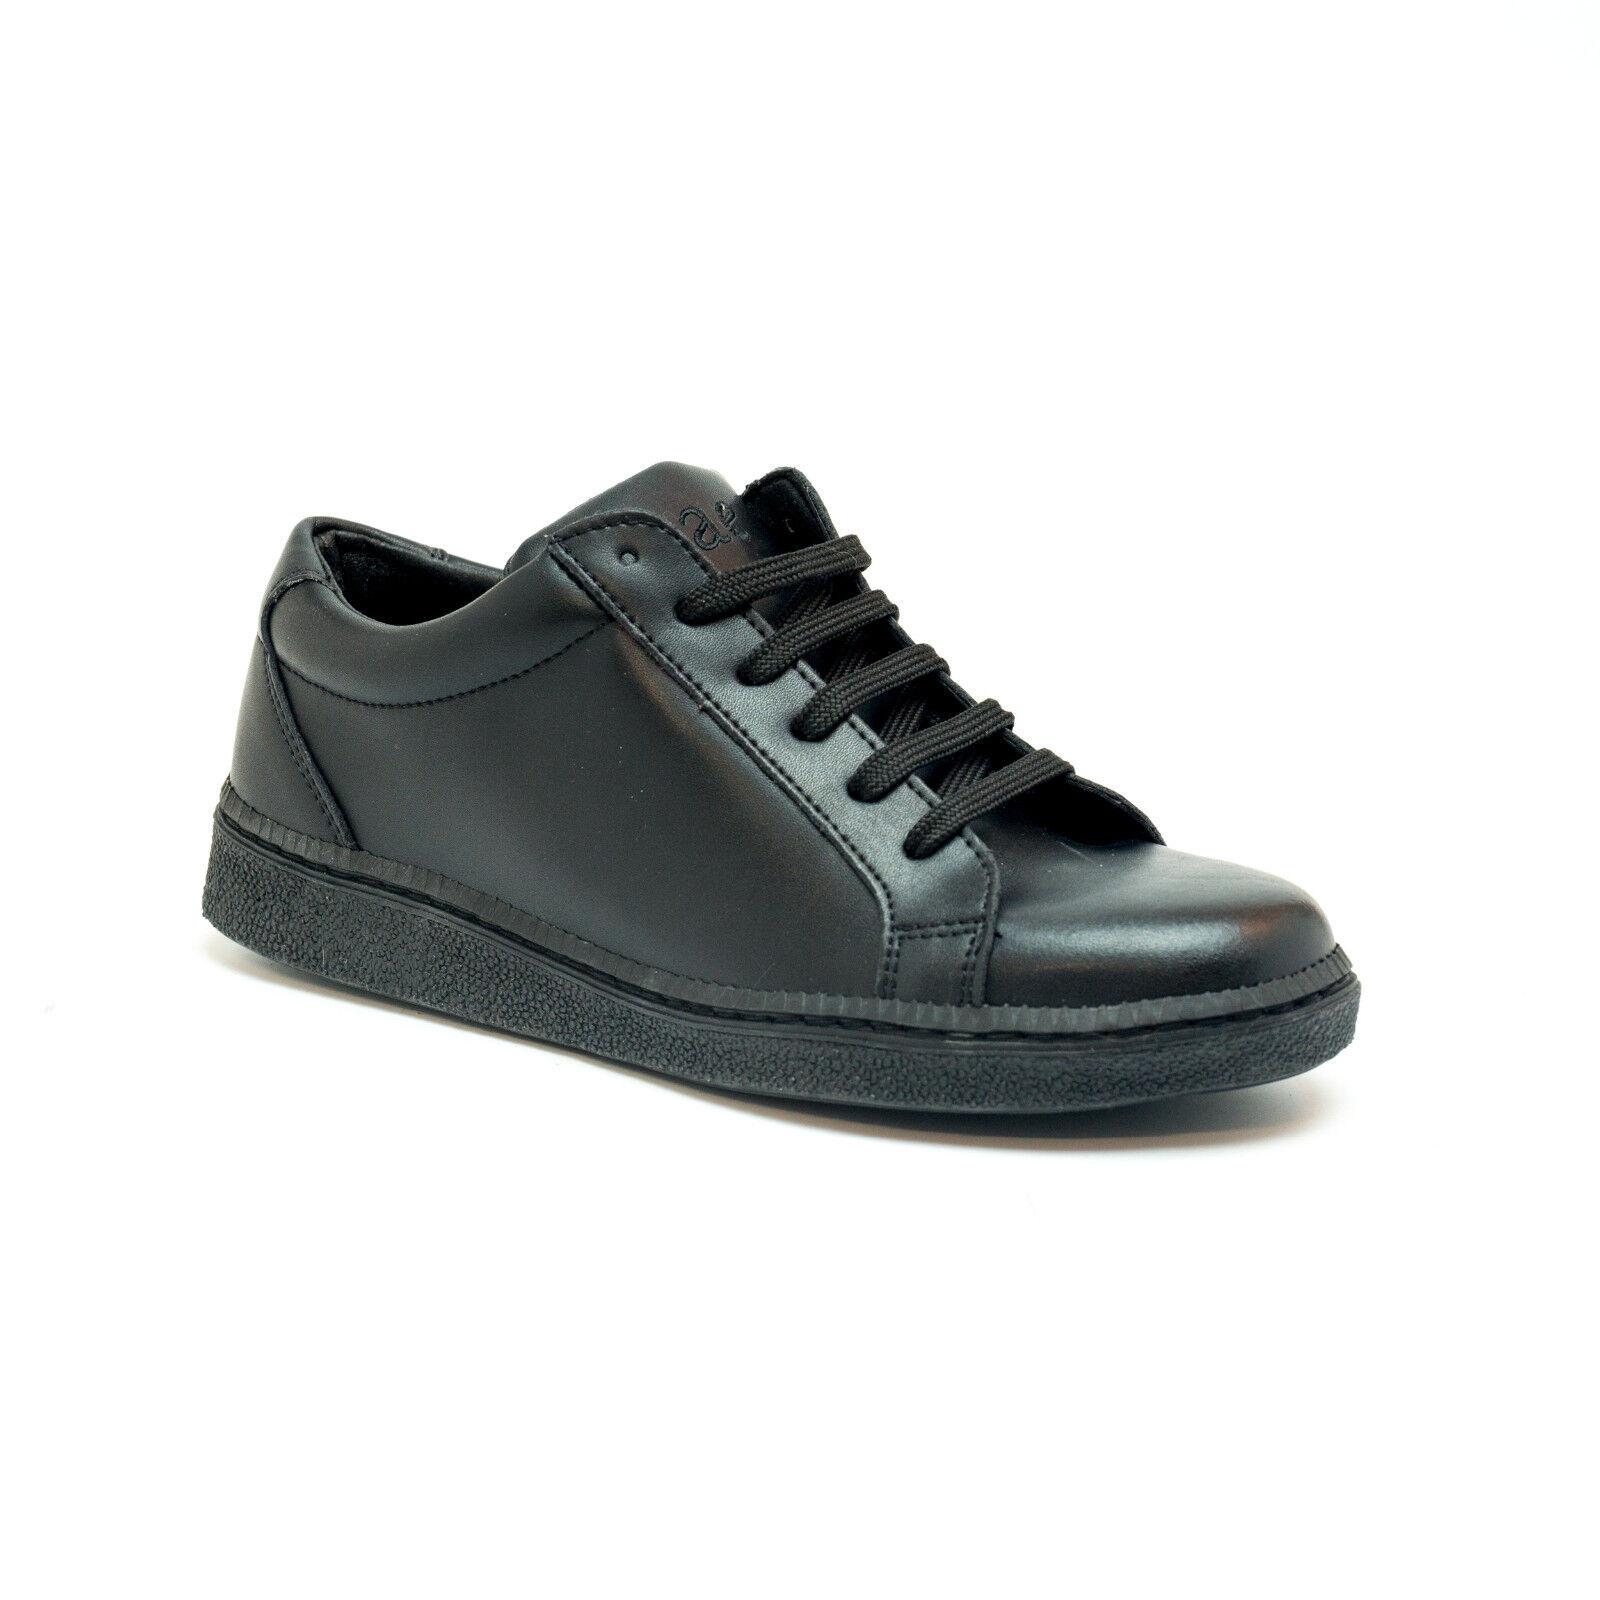 Vegetariana unisex-zapato bajo. fabricado en negro ecológica ecológica ecológica mikrofraser  las mejores marcas venden barato